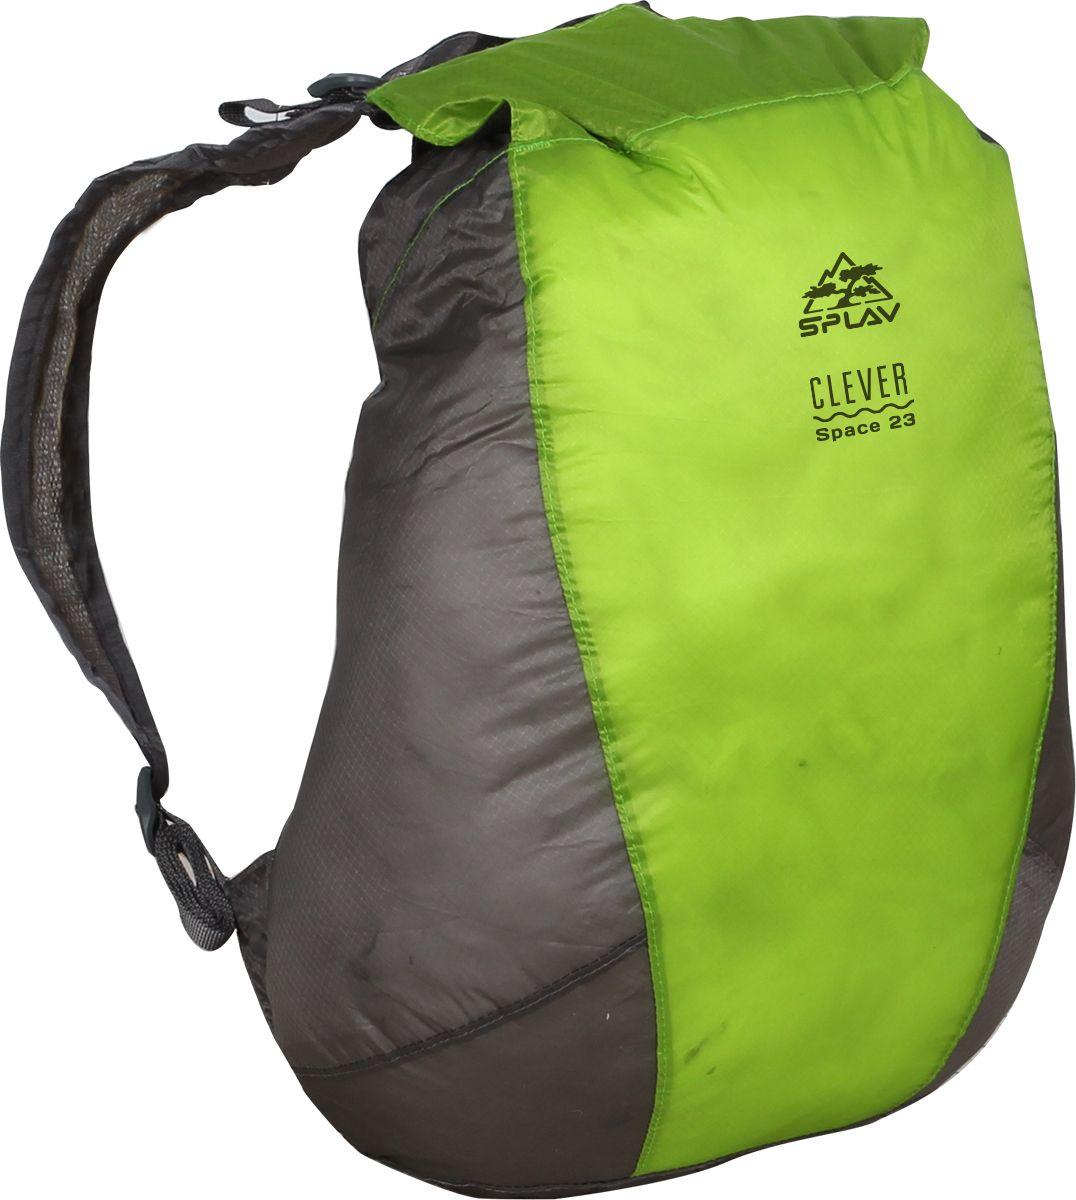 Рюкзак туристический Сплав Clever Space 23, цвет: зеленый, 23 л5047313Рюкзак туристический Сплав Clever Space 23 изготовлен из очень прочной и легкой тканиULTRALIGHT CORDURA NYLON с силиконовой обработкой не пропускает воду, а все швы рюкзака проклеены.При 23 л вместимости, весит рюкзак при этом всего 115 г, и в сложенном виде умещается в небольшой мешочек, который можно пристегнуть к поясу или положить в карман анорака.Сочетание подобных качеств особенно актуально для любителей альпийского стиля восхождений, мультигонок, ориентирования, походов выходного дня и легкоходов.Дышащие лямки с мягкой вентилируемой подкладкой из сетки, плечевые оттяжки, верх закручивается на скрутку и защелкивается фастексом, ультралегкая, прочная, непромокаемая ткань - все, что необходимо и ничего лишнего.Объем: 23 л.Вес:115 г.